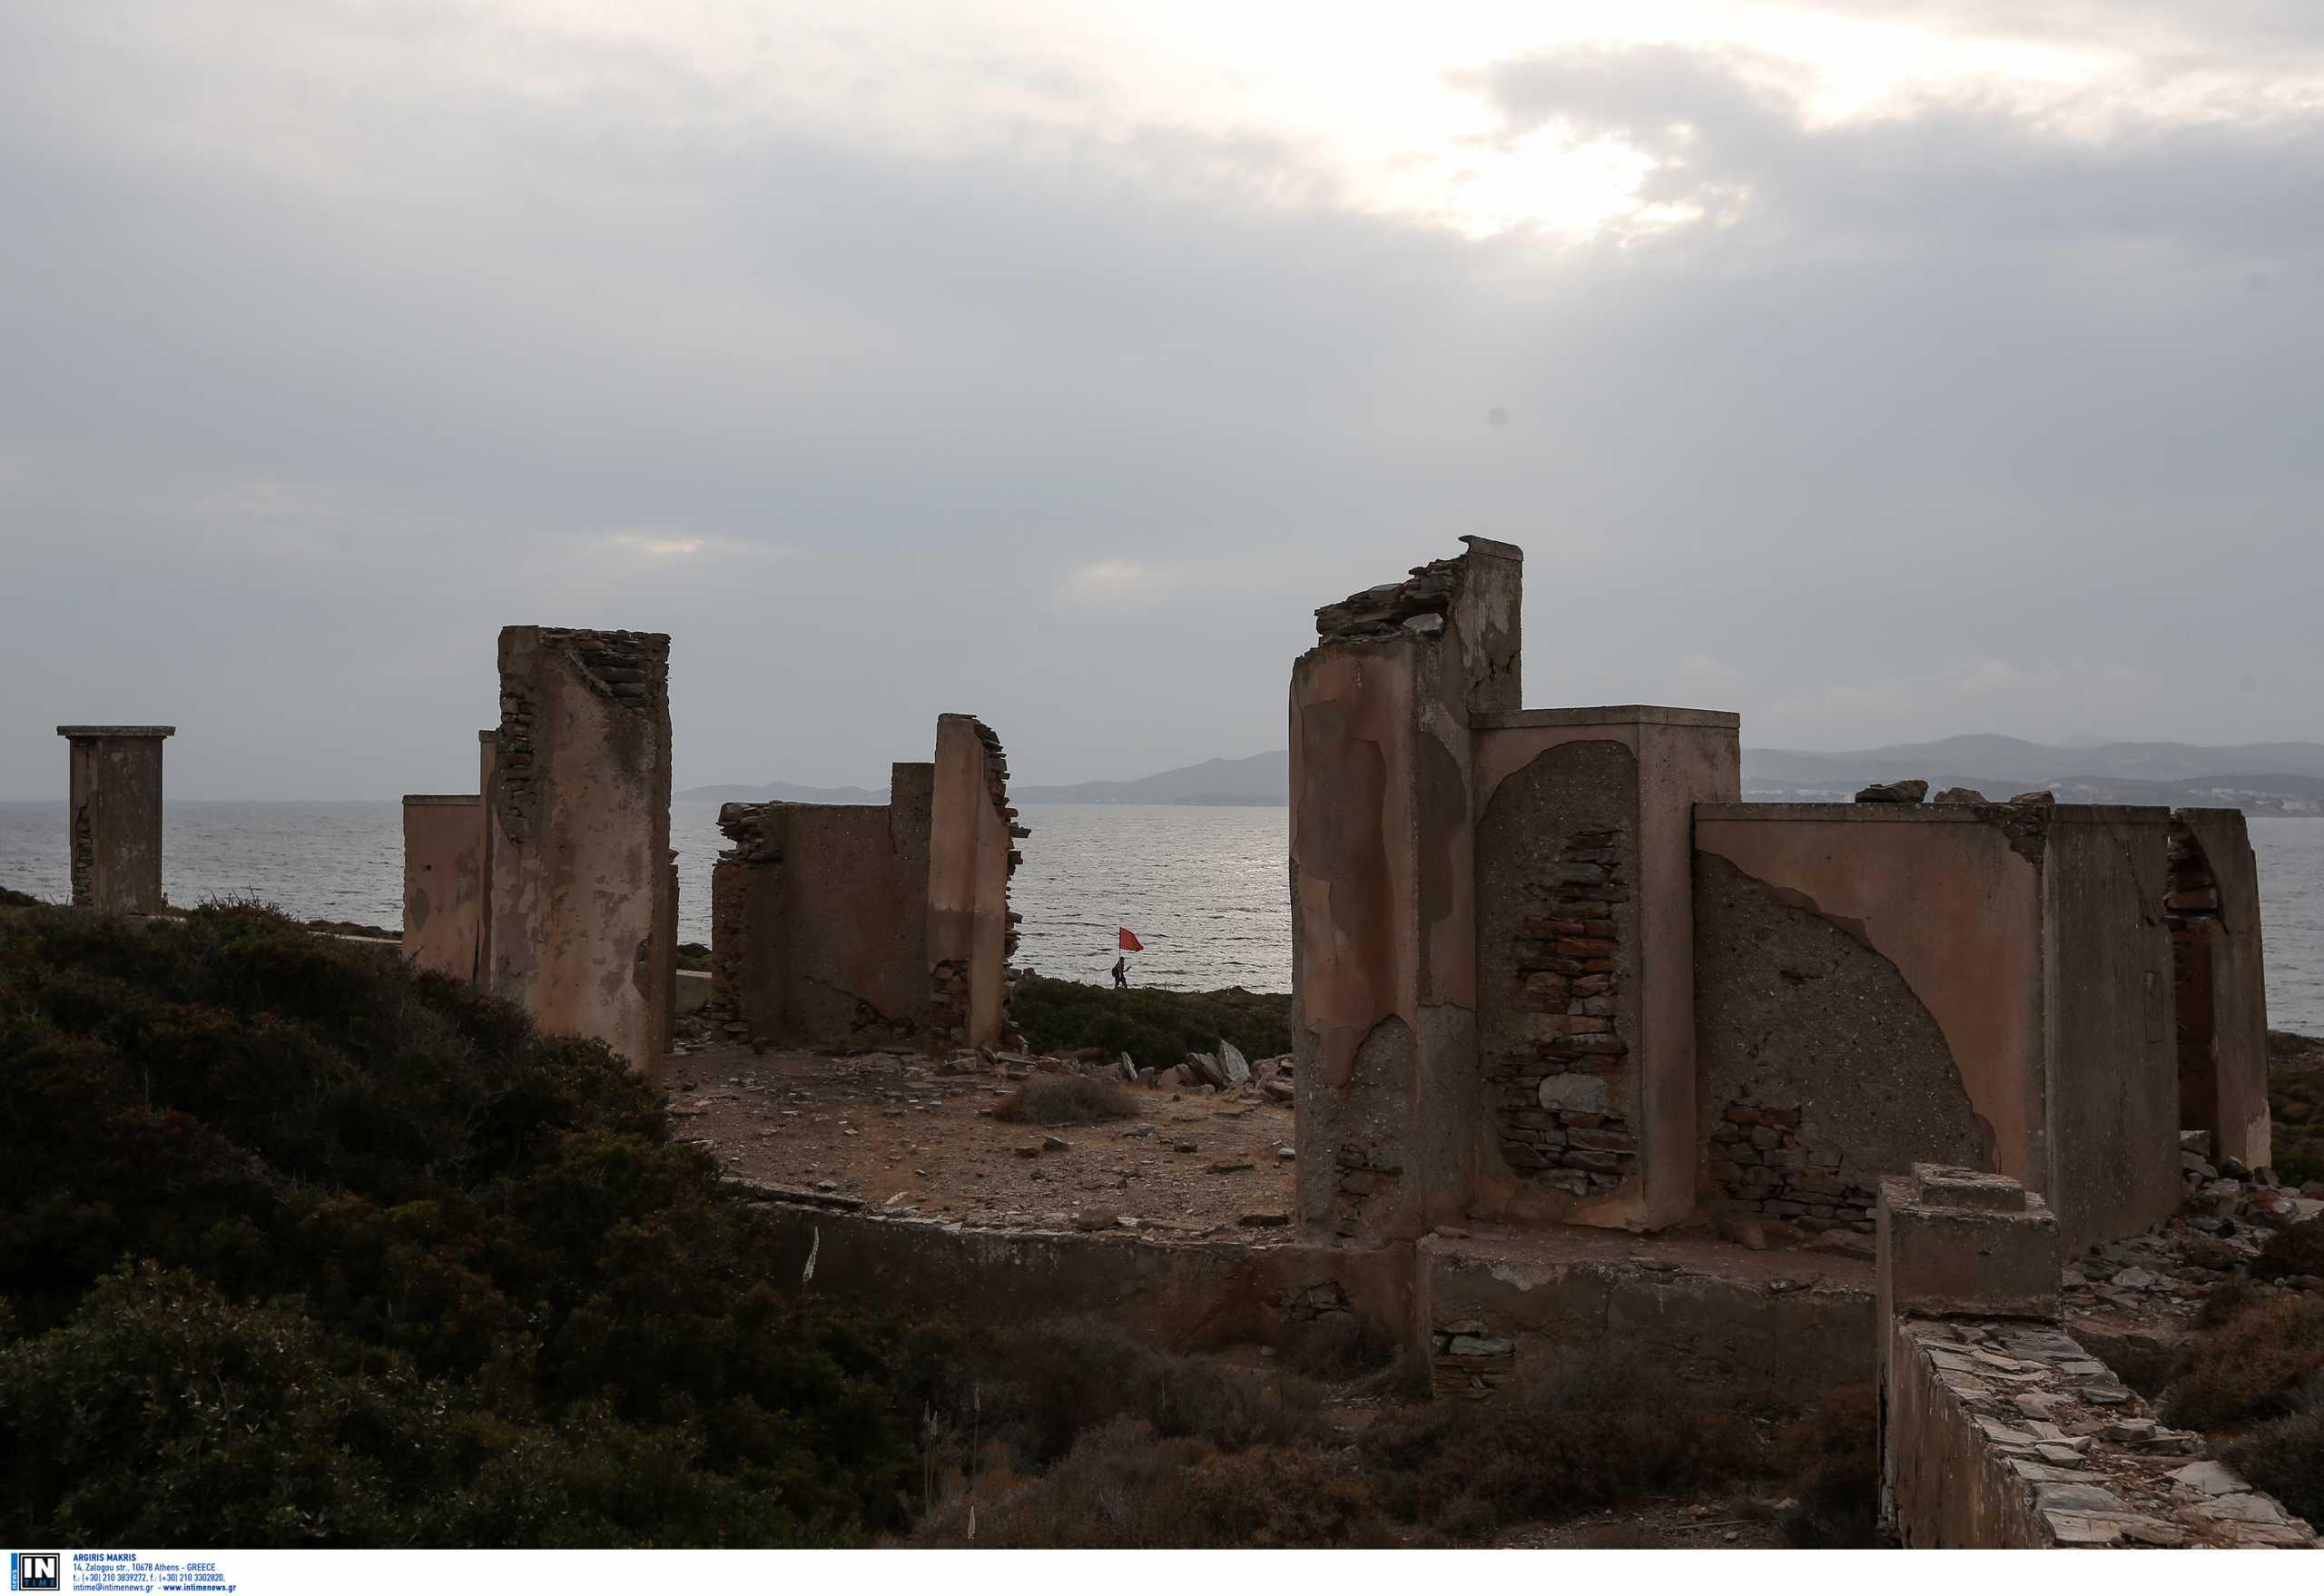 Μακρόνησος: Μνημείο για τους 6.000 πρόσφυγες που έχασαν τη ζωή τους στο λοιμοκαθαρτήριο